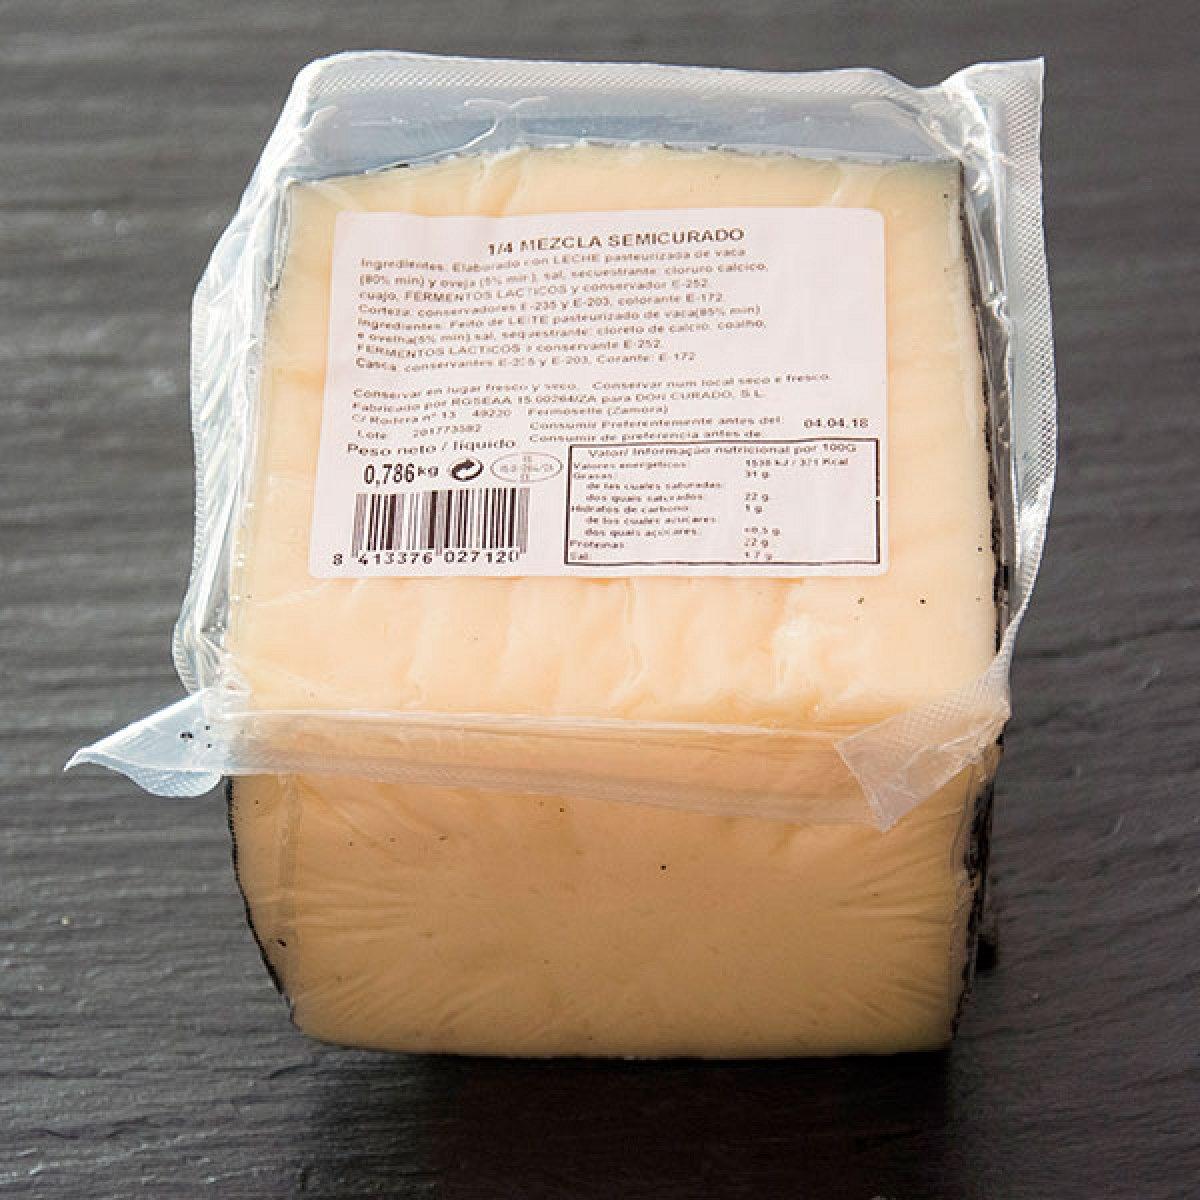 Cuña de queso de zamora de mezcla semicurado